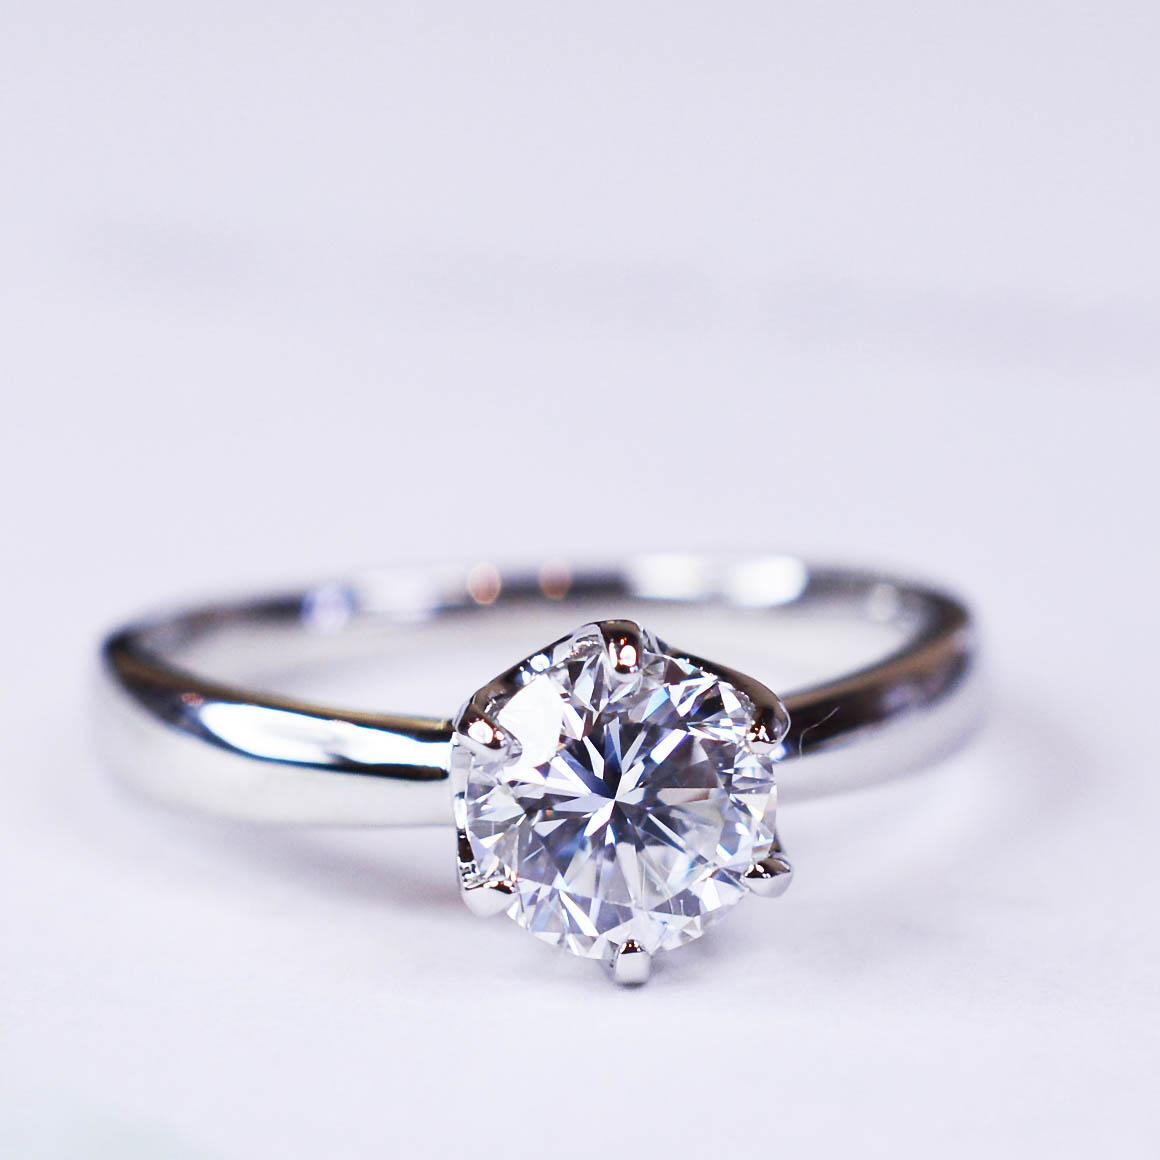 サプライズに「特別」を送りましょう@手作り結婚指輪 工房スミス札幌店